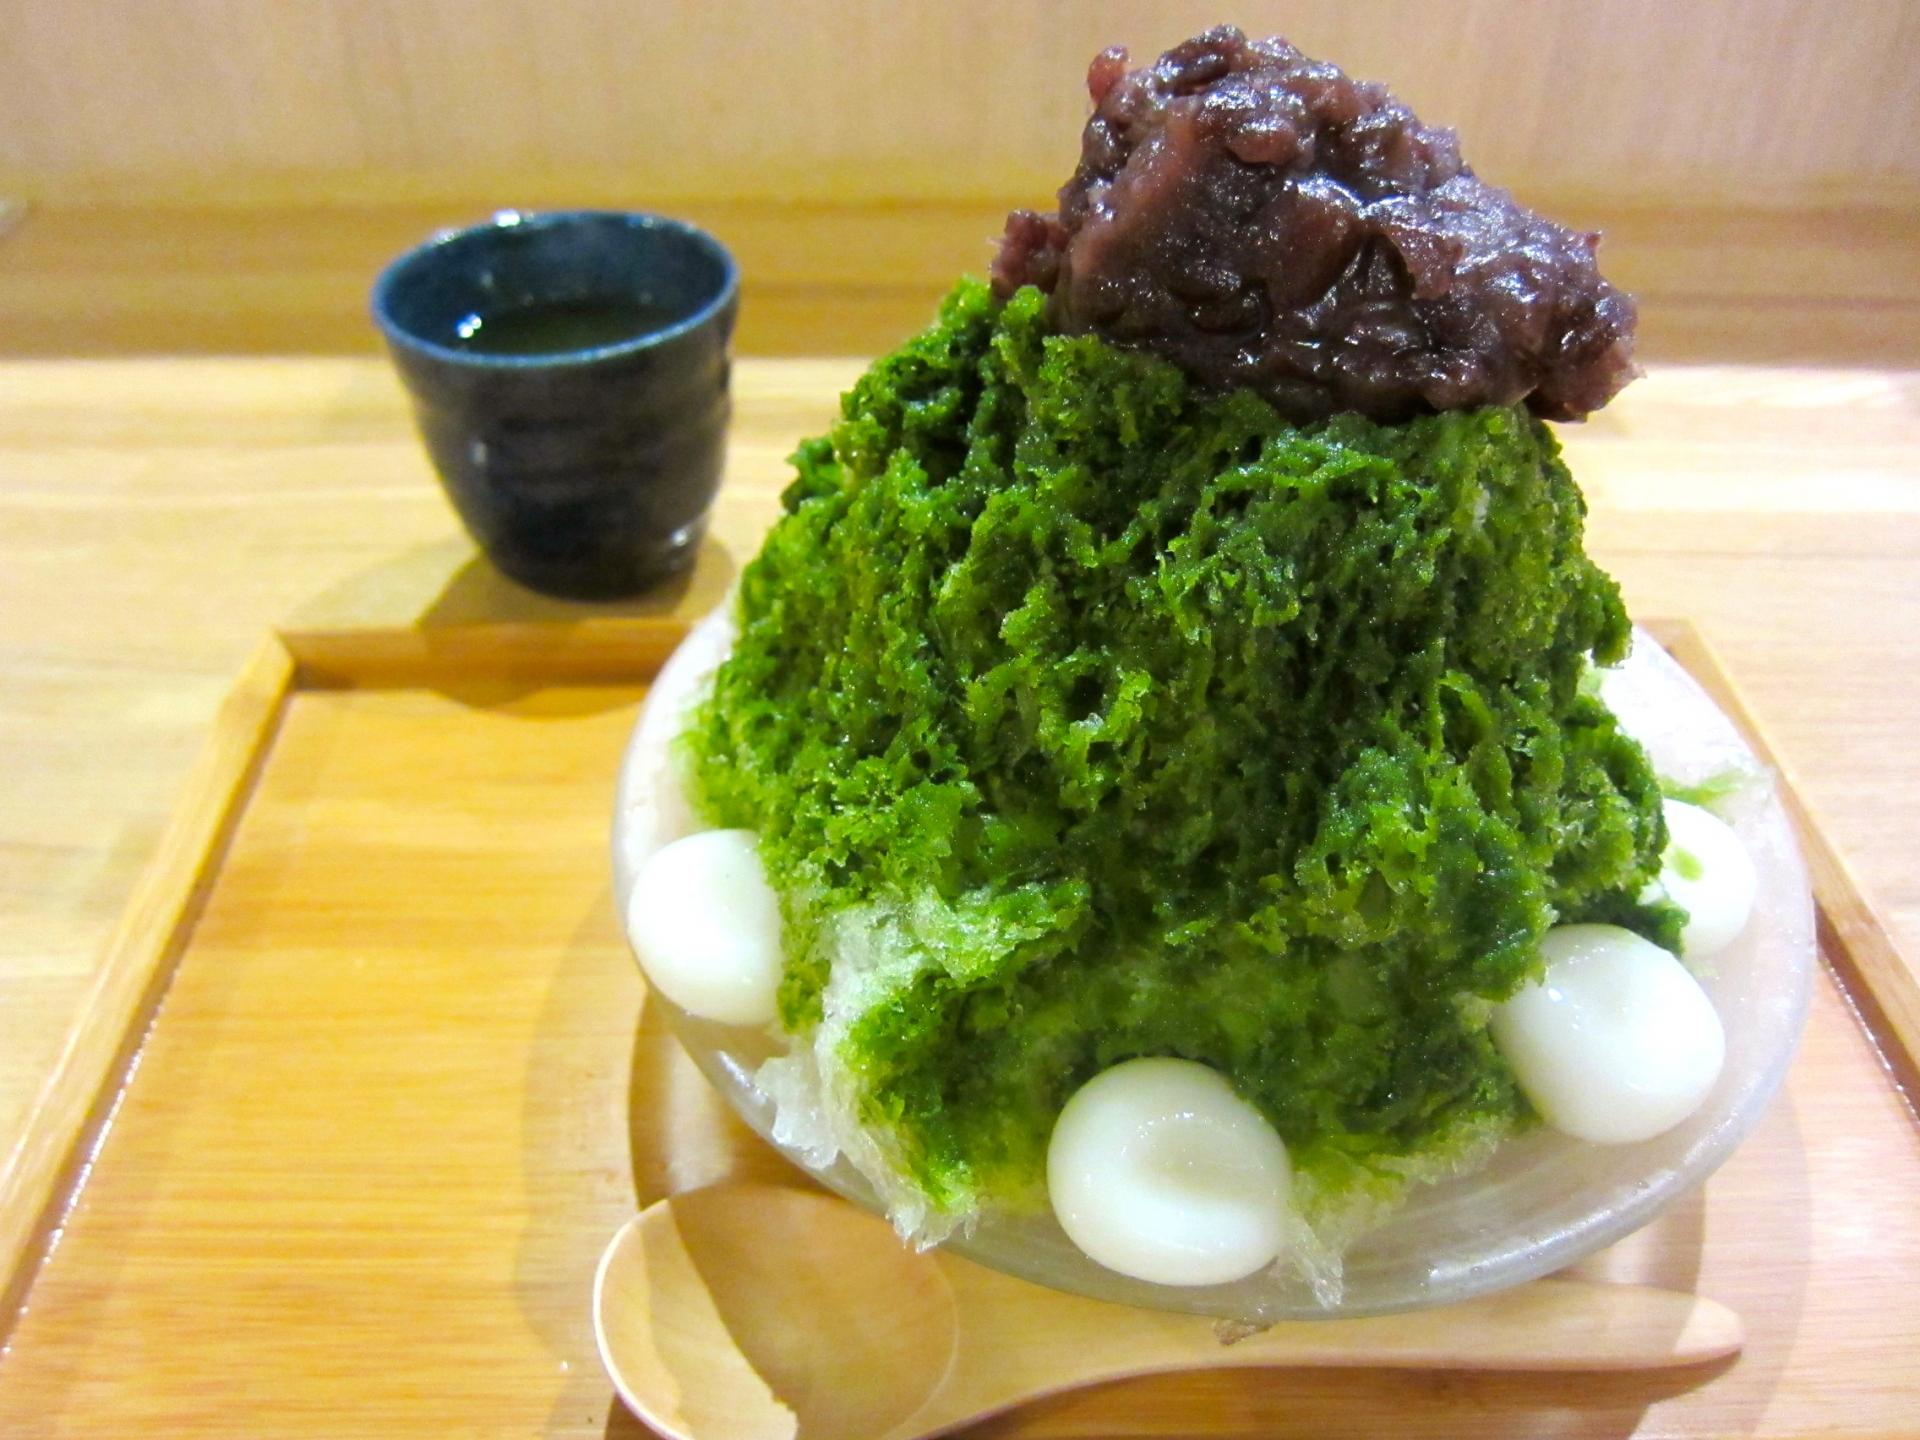 梅香堂は京都のおすすめ甘味処!かき氷やパンケーキなど人気メニューを紹介